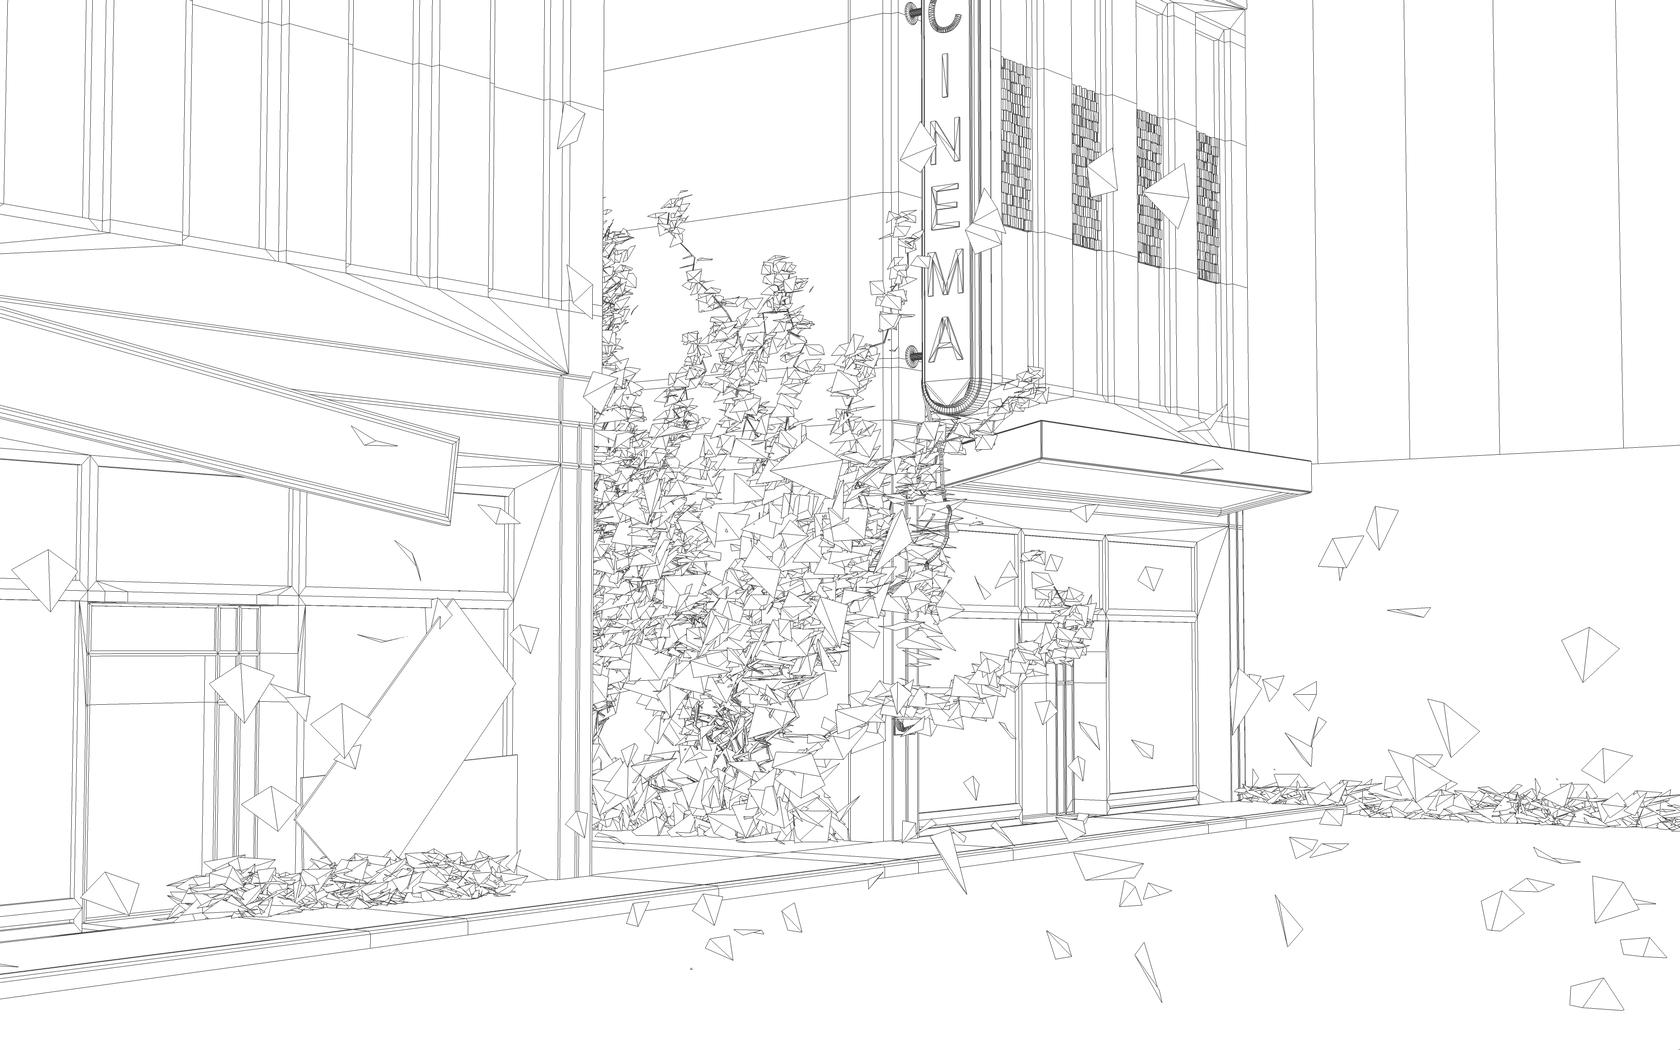 line art city street final by 3DEricDesign on DeviantArt